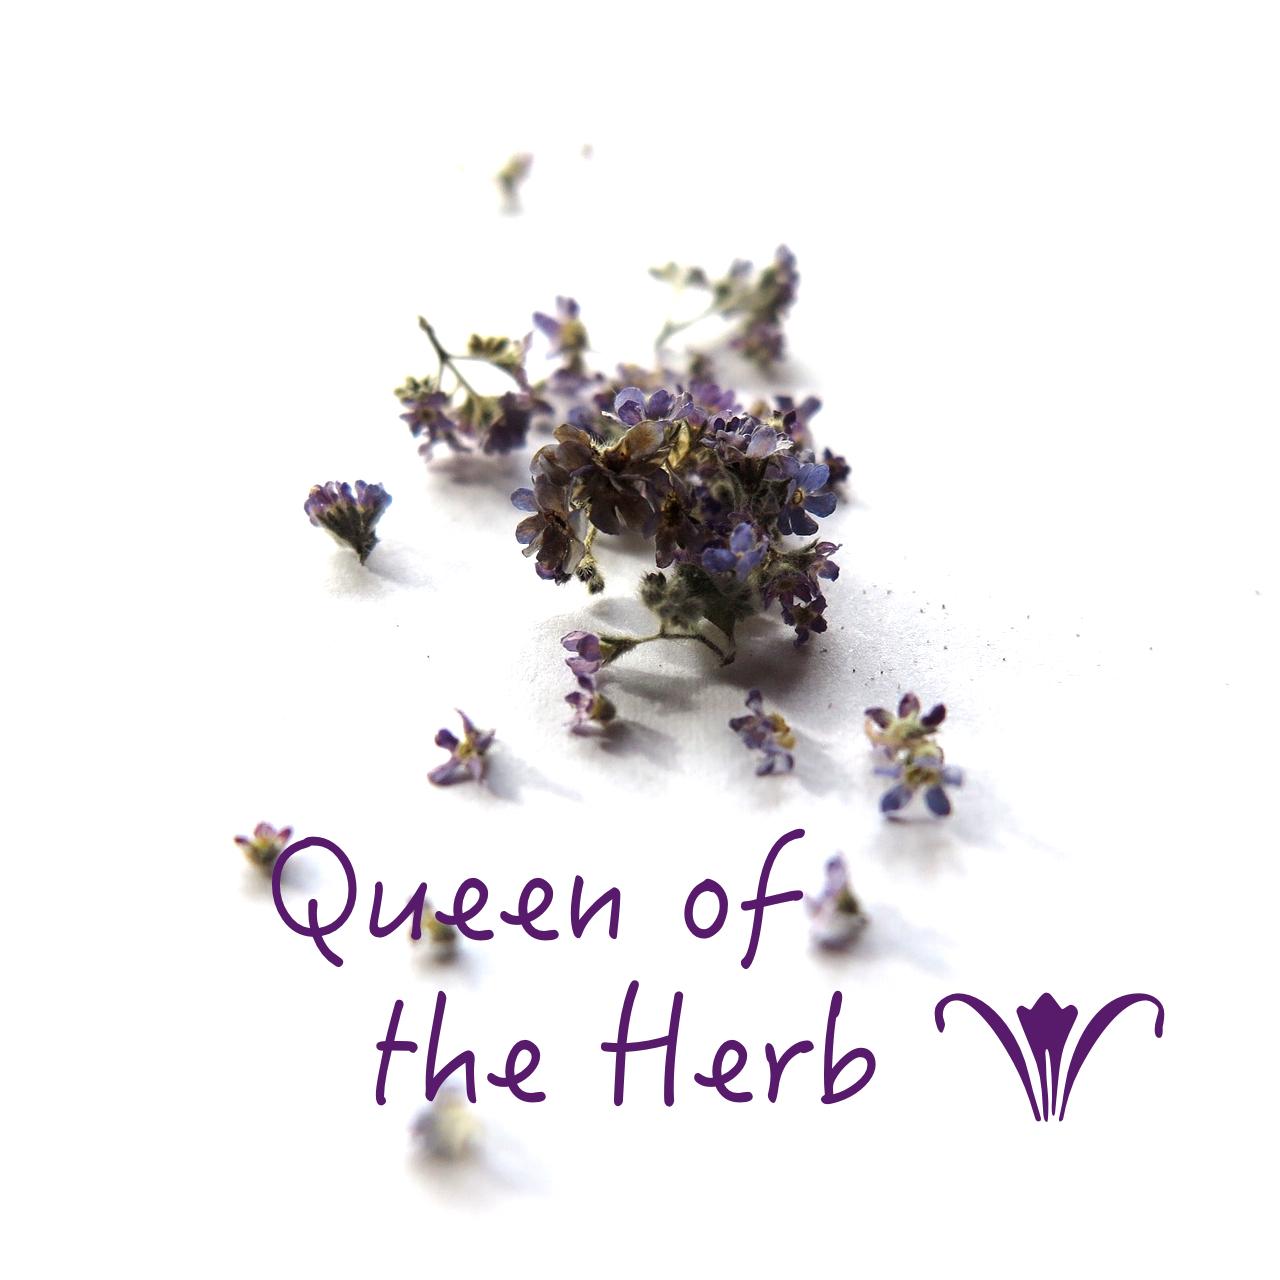 【14GDF】ハーバリウムと3つの石のネックレス *The Queen of Healing...ラベンダーとアメジスト2つの紫の物語*